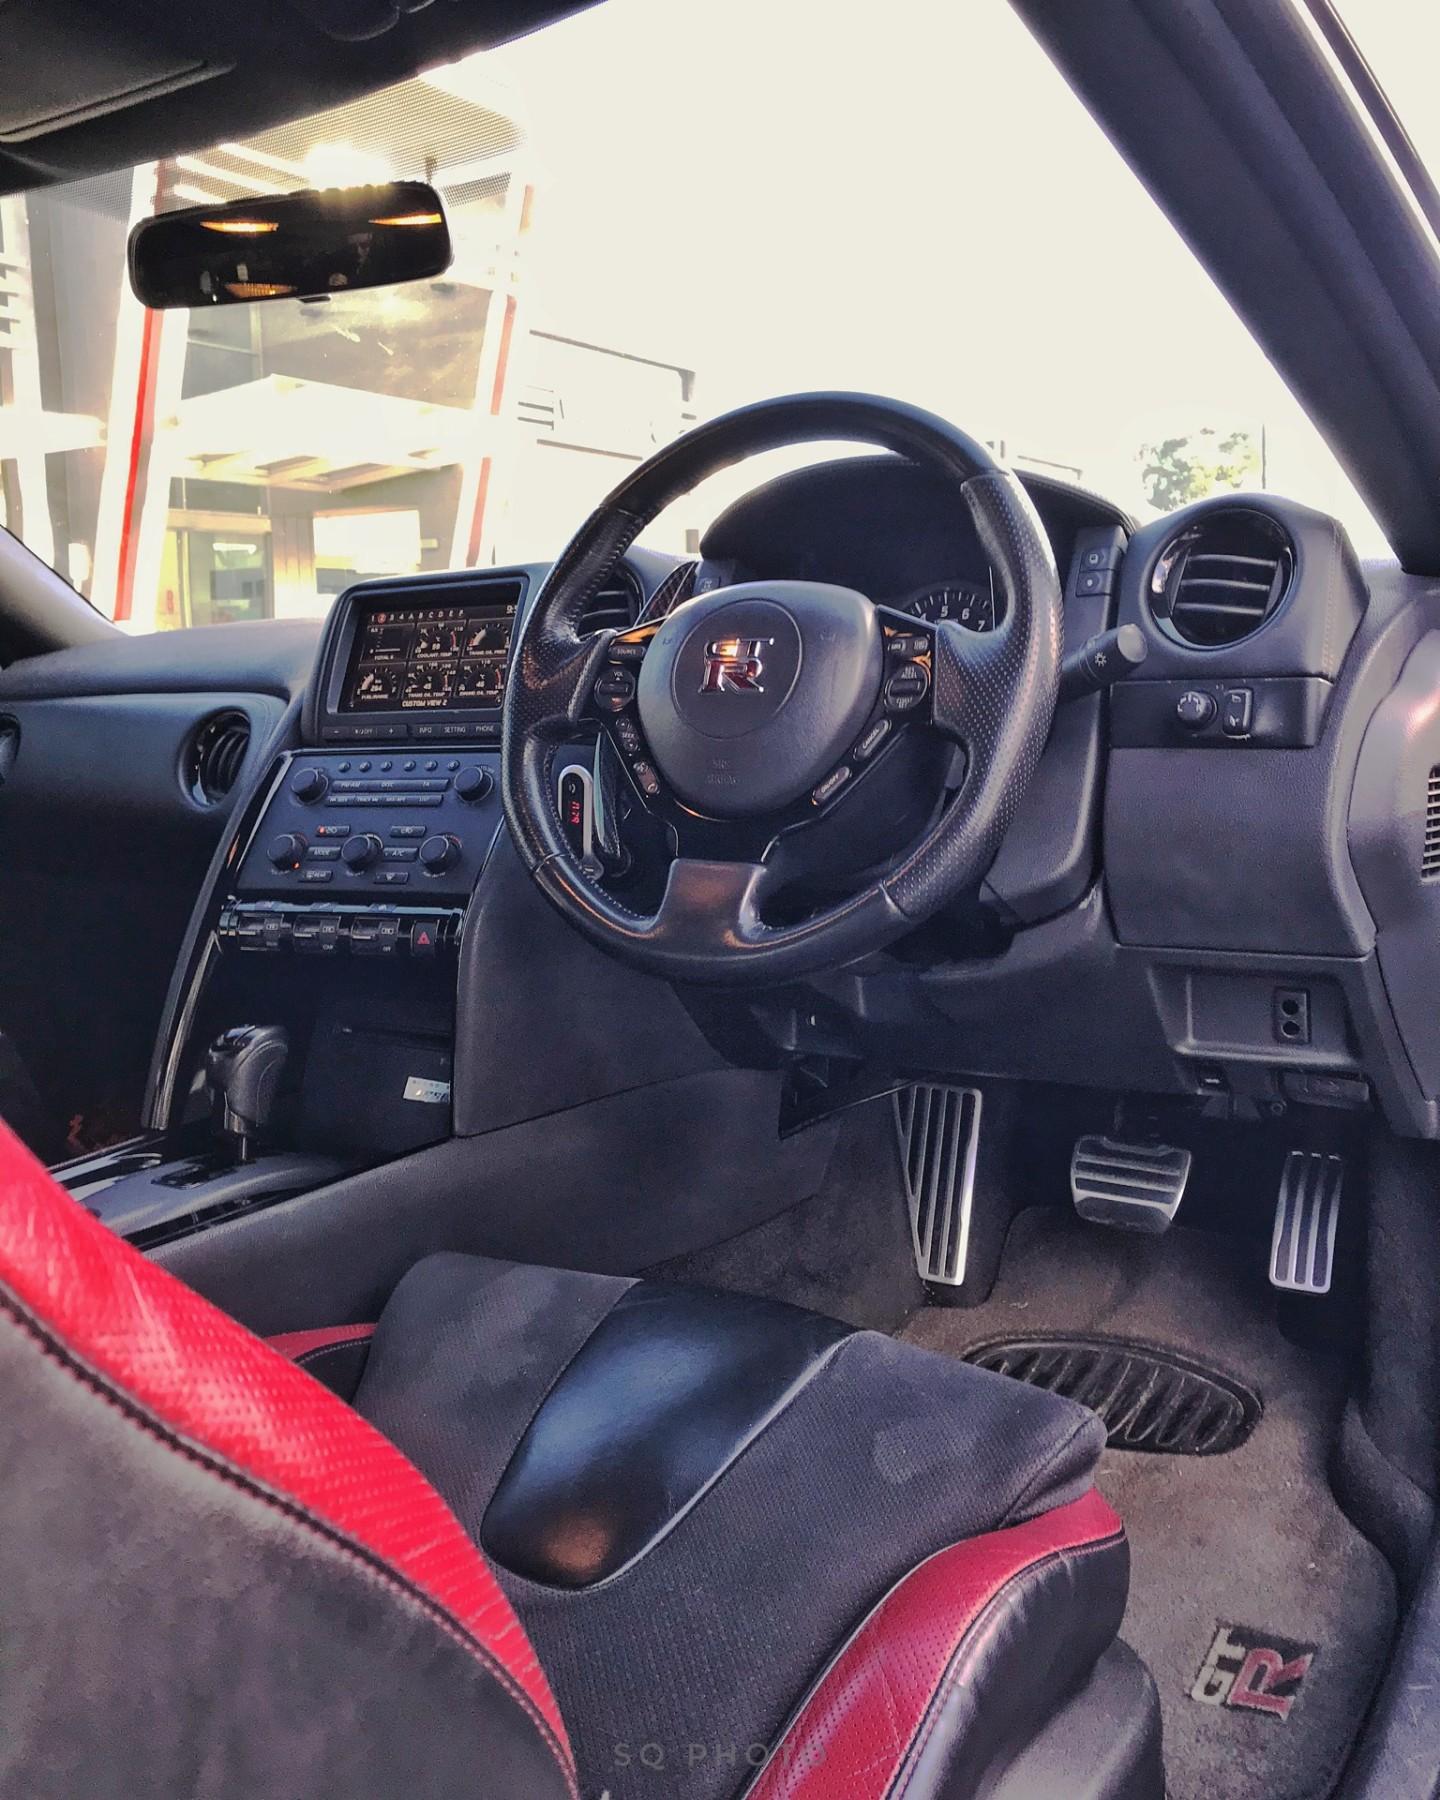 2009 Nissan R35 GT-R